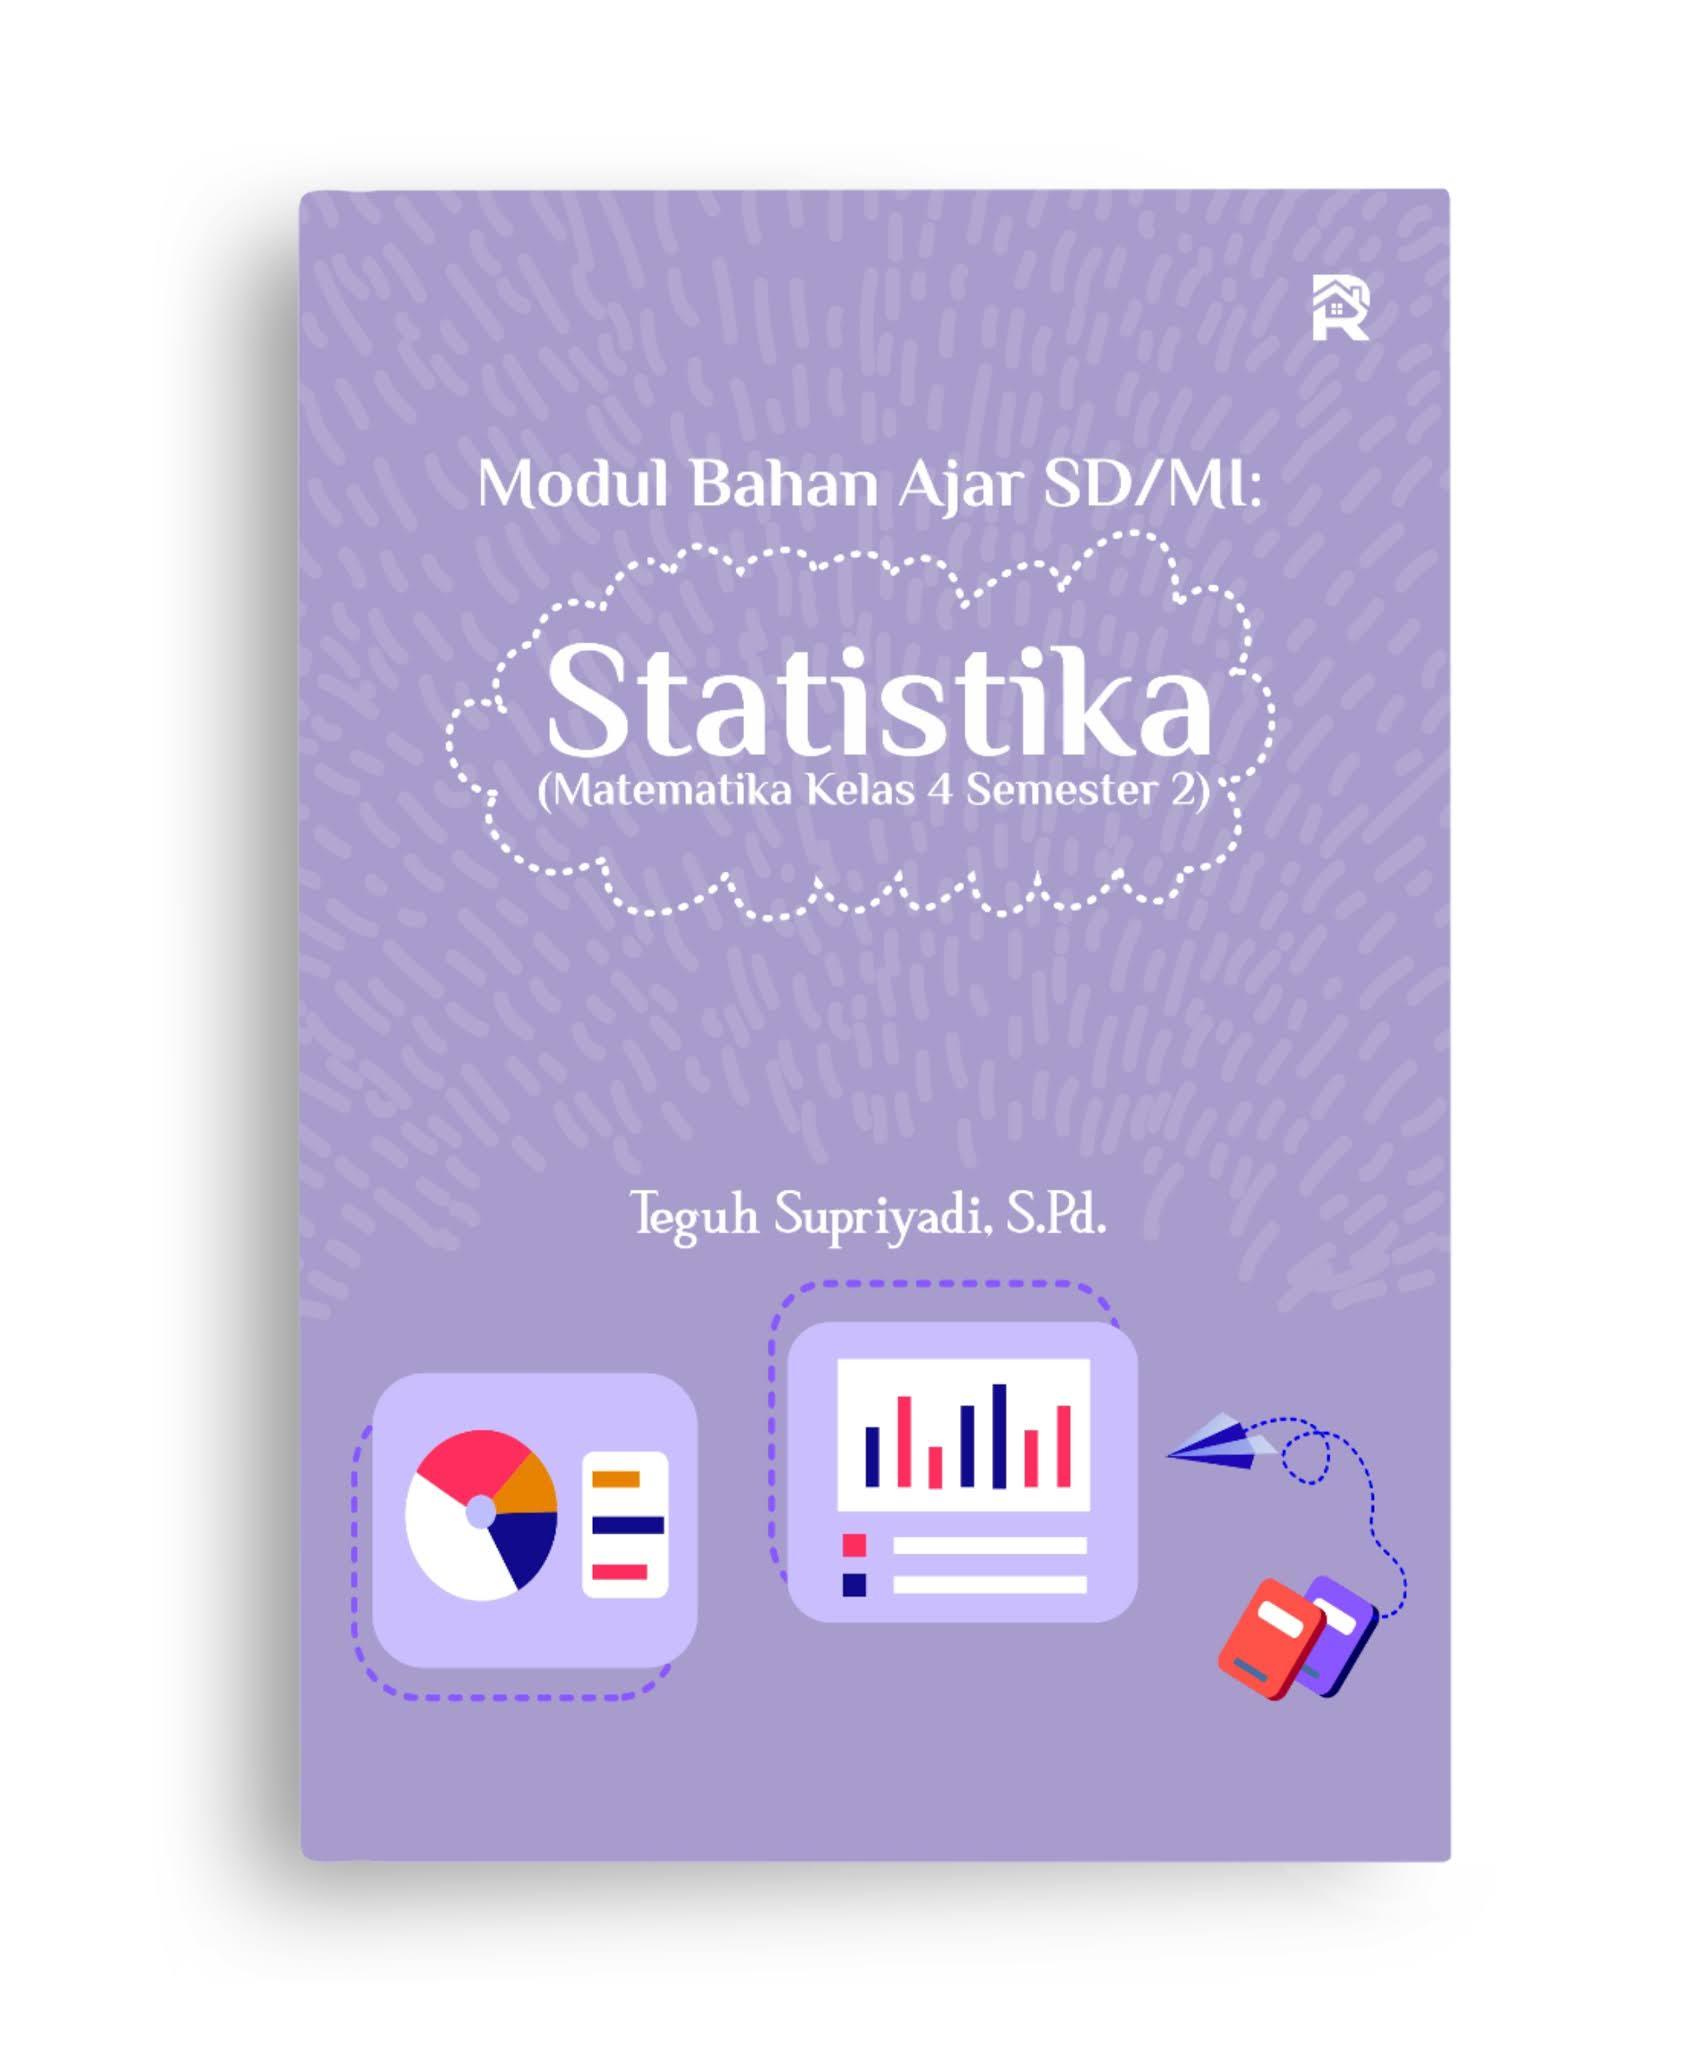 Statistika (Matematika Kelas 4 Semester 2)